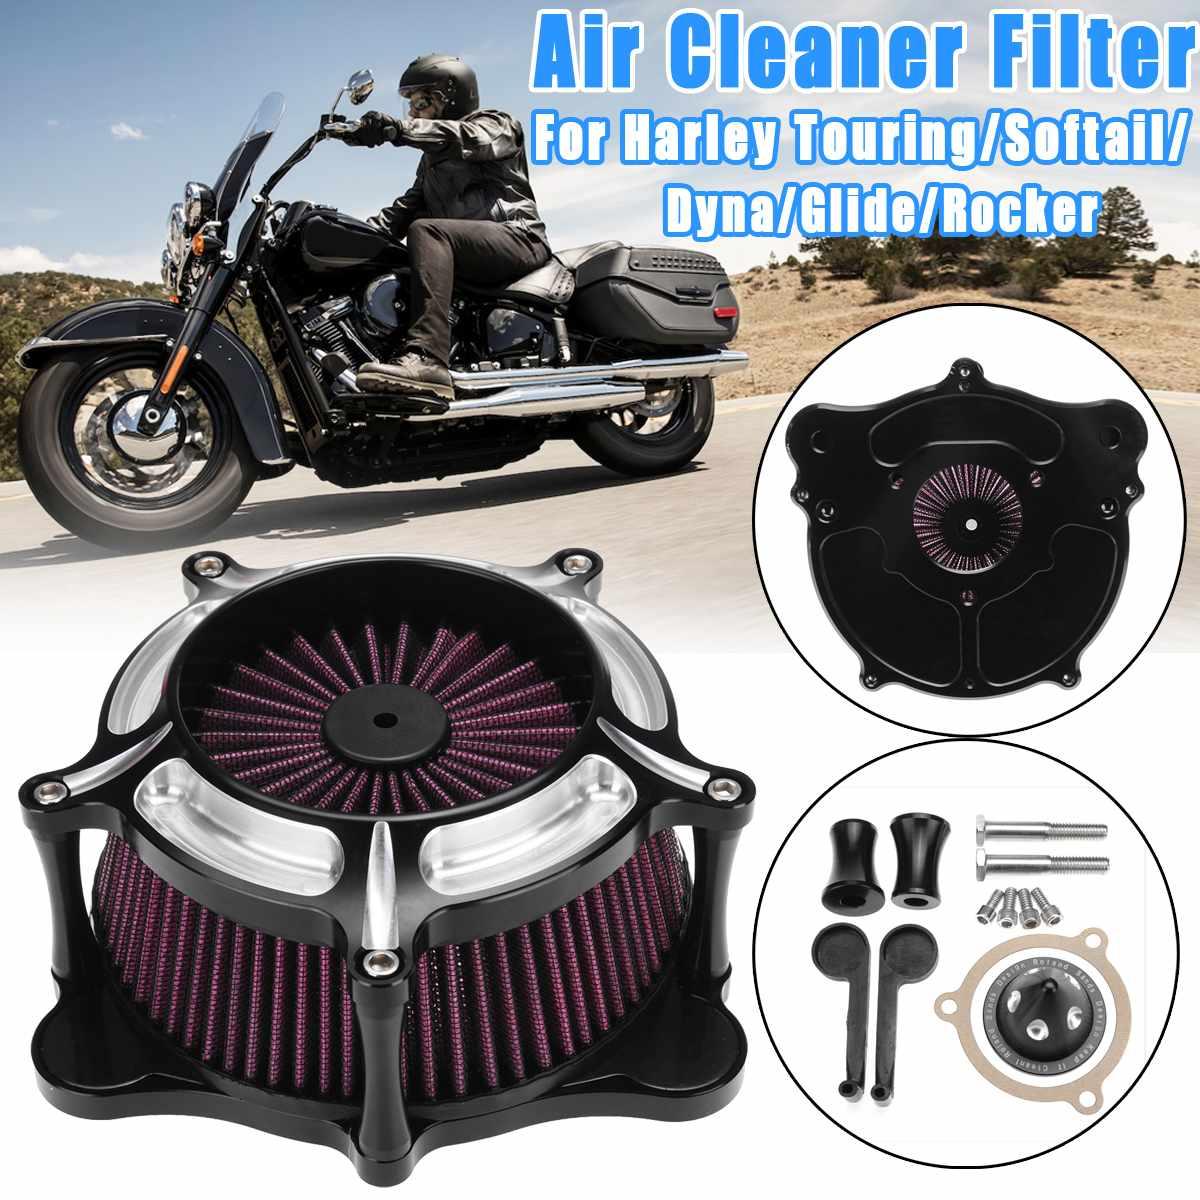 Воздухоочиститель мотоцикла впускной фильтр для Harley Touring/Softail/Dyna FXDLS/Street Glide/Rocker/FLSTSE/FXSBSE 2008 2017